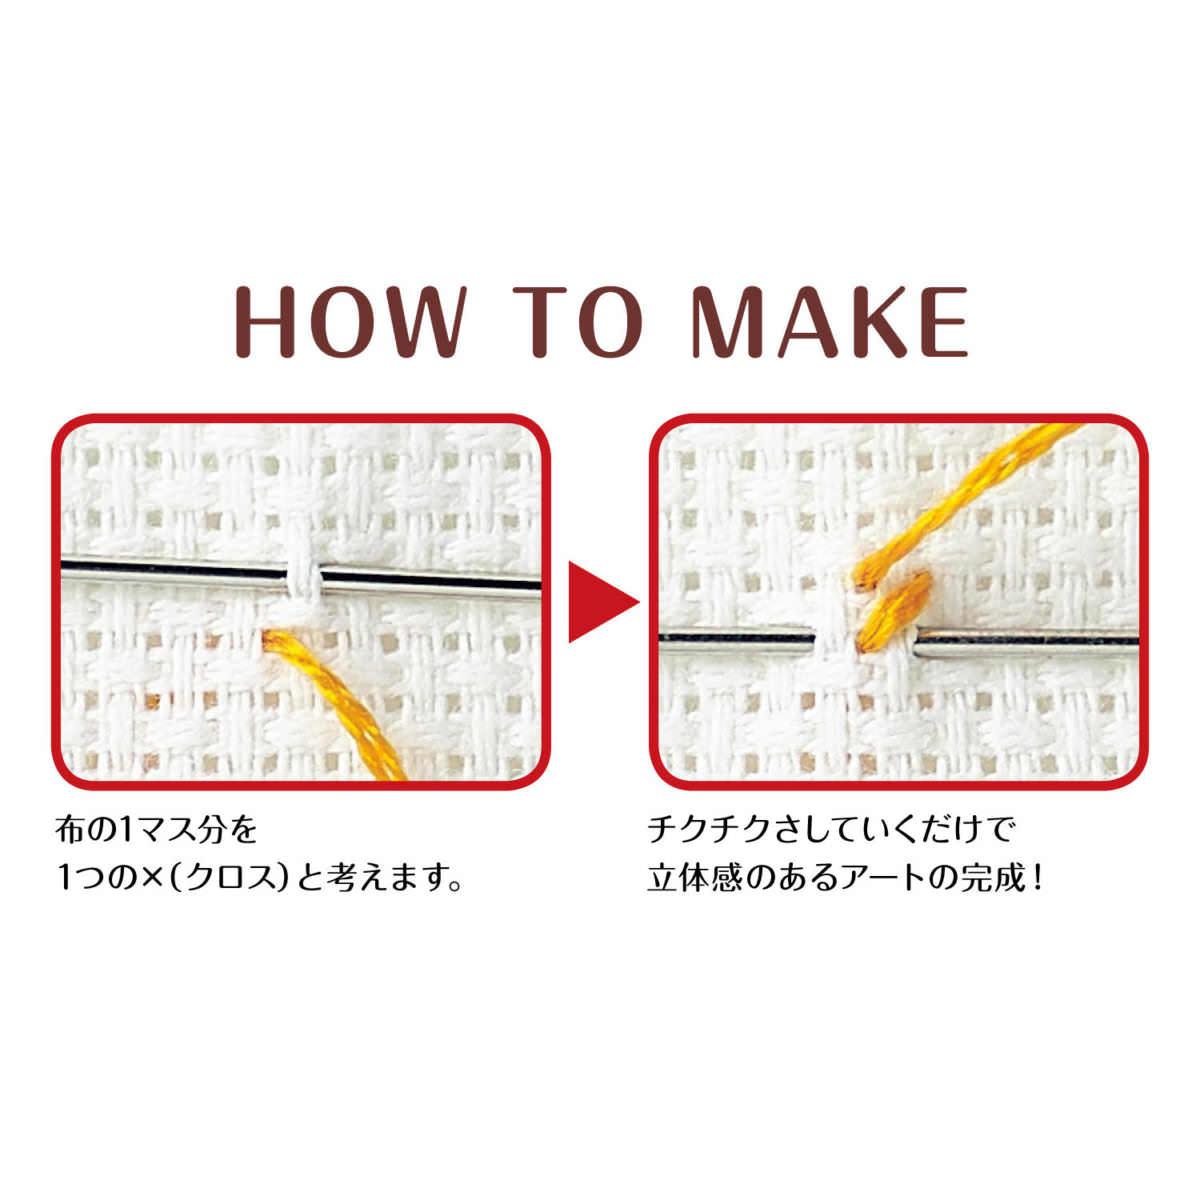 彩葉・キャラクタークロスステッチ手作りキット 作り方